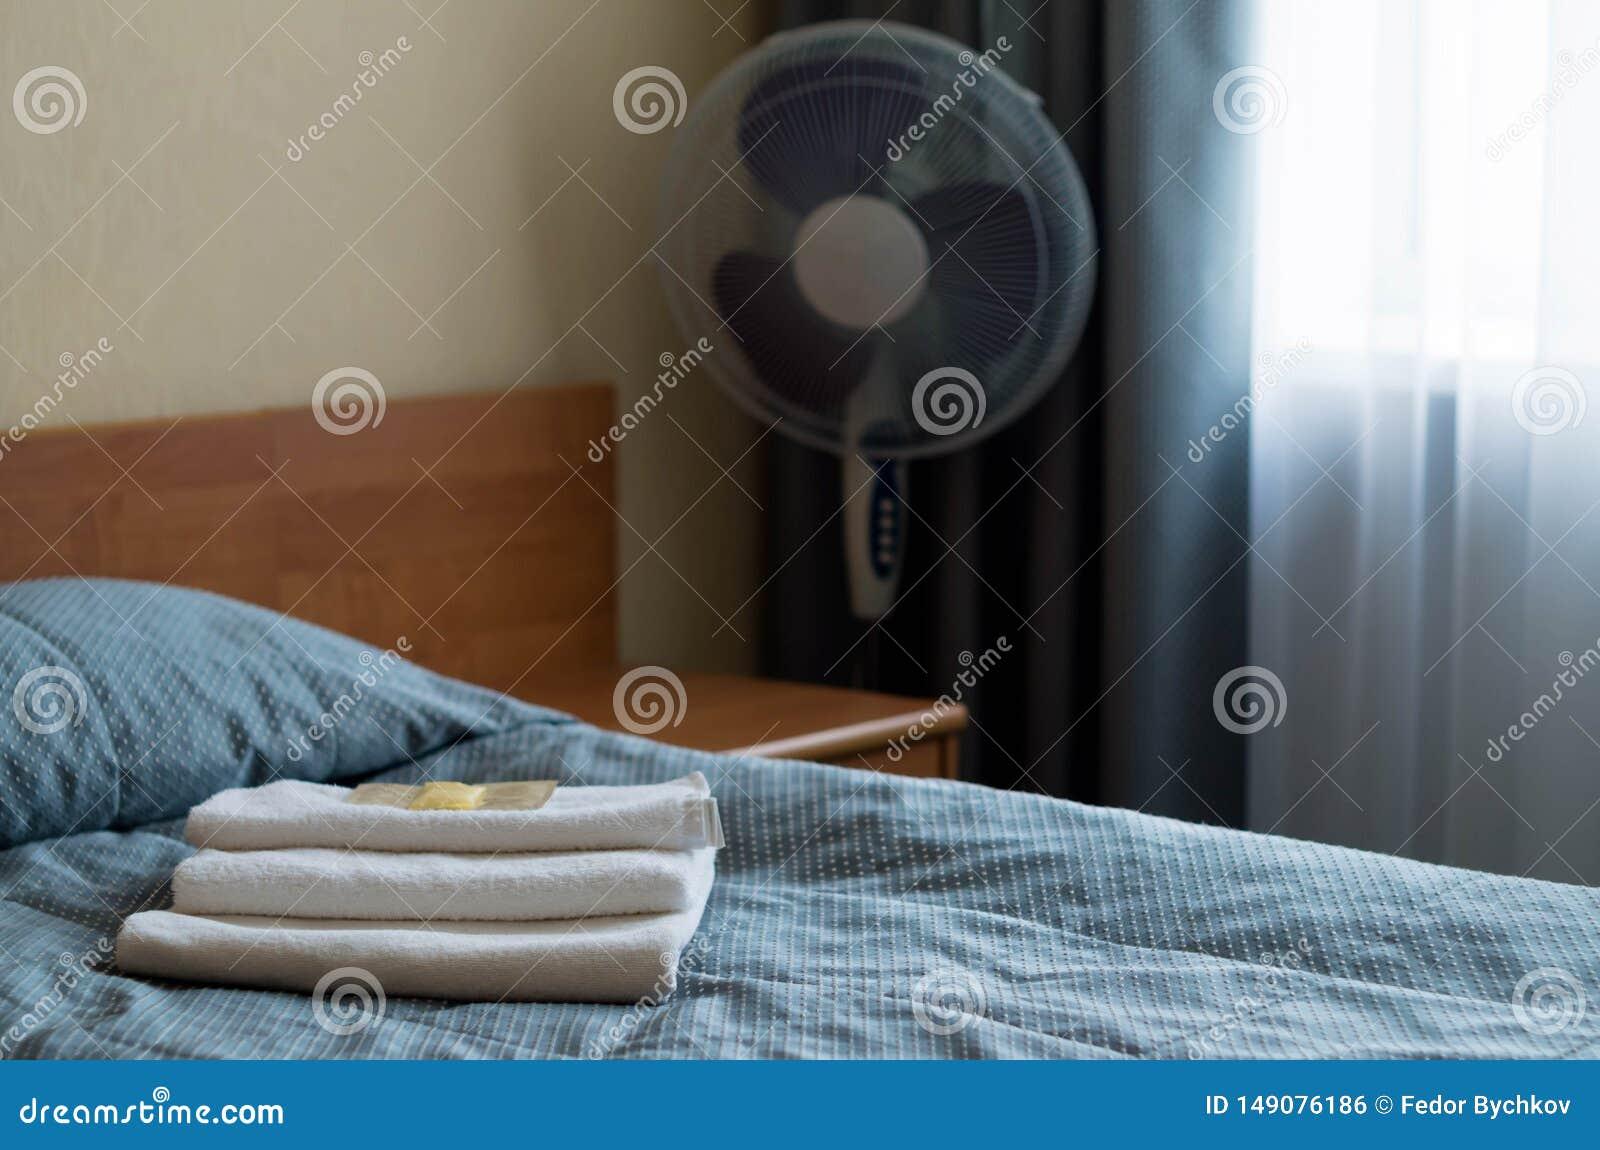 酒店房间 在床上是三块毛巾,肥皂,香波,阵雨胶凝体